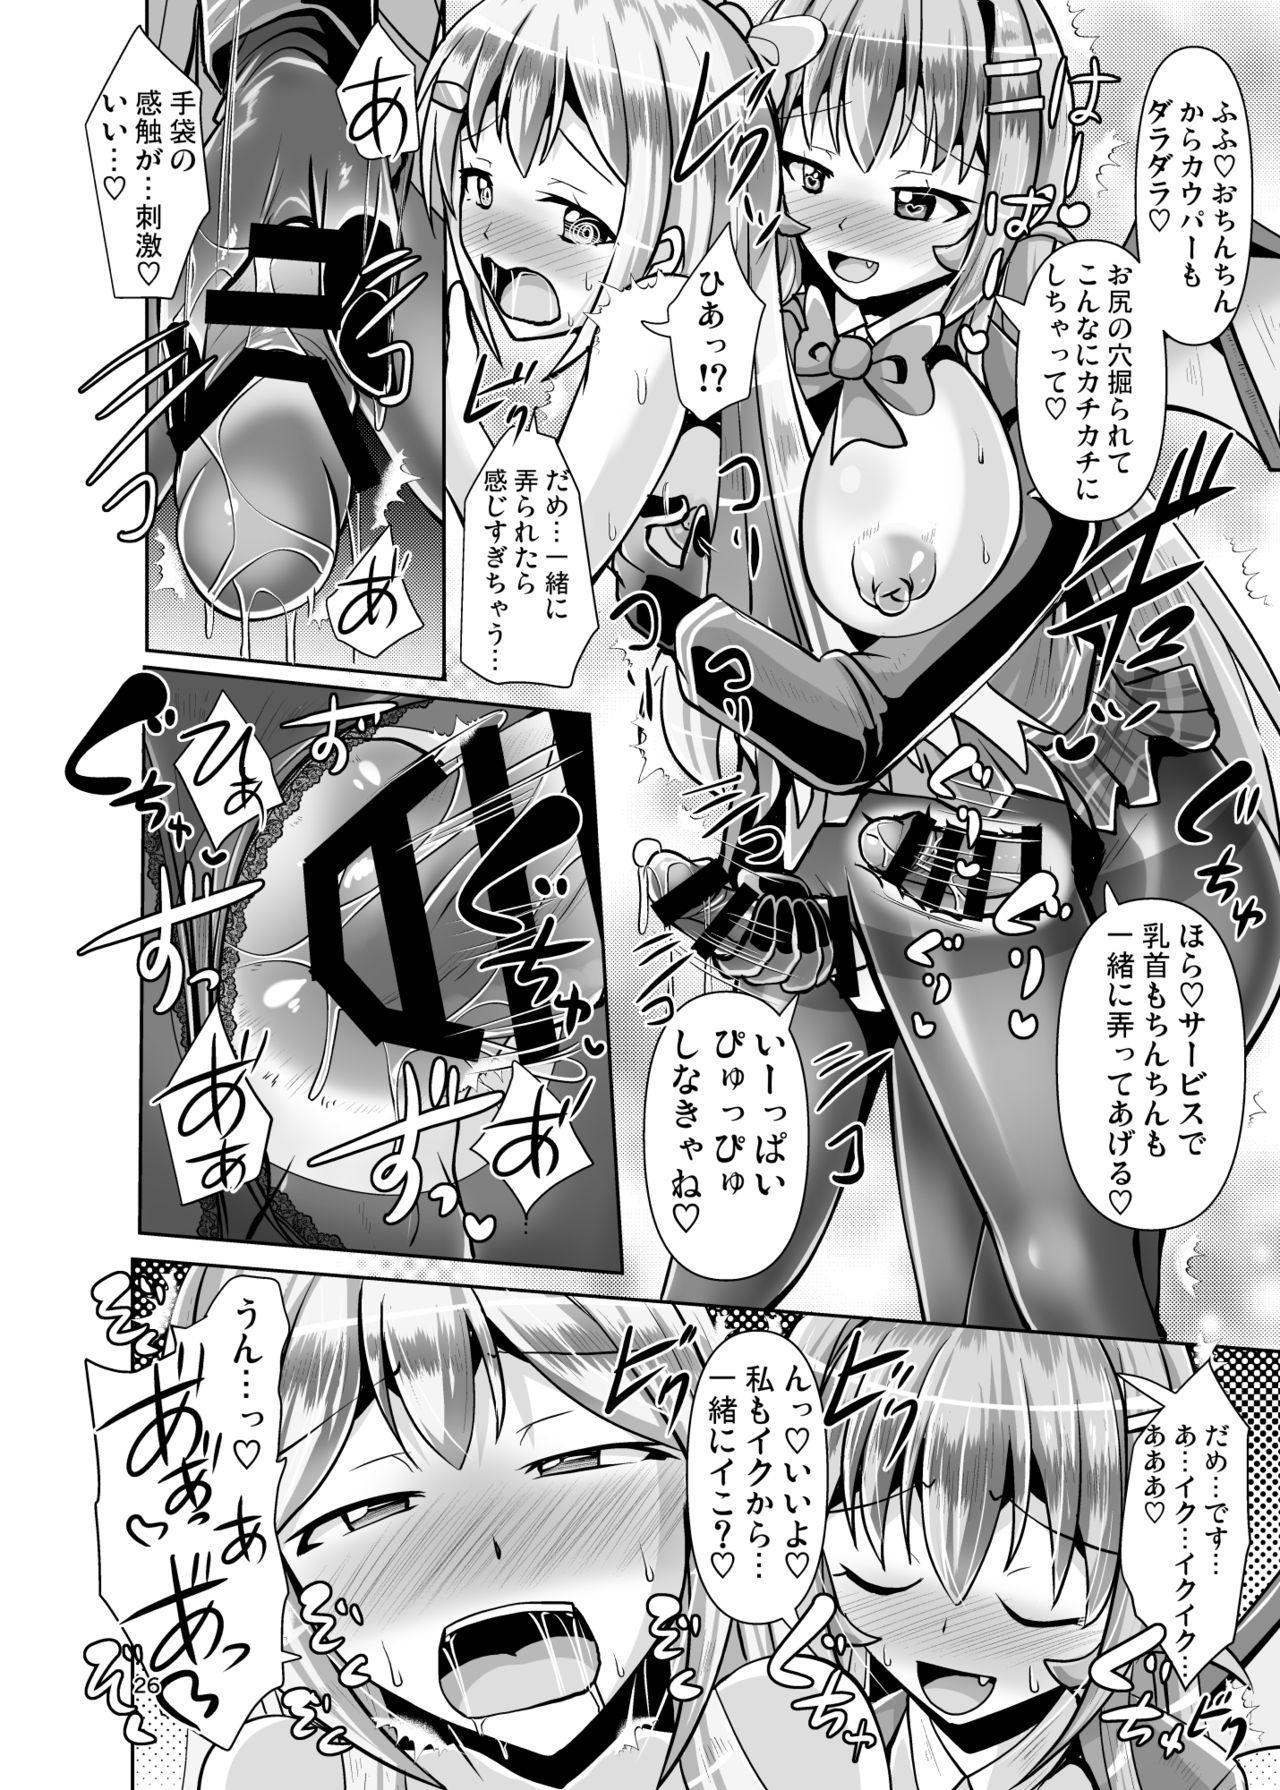 Futanari Kuro Tights no Succubus JK ni Oshiri Horaretai vol. 3 25